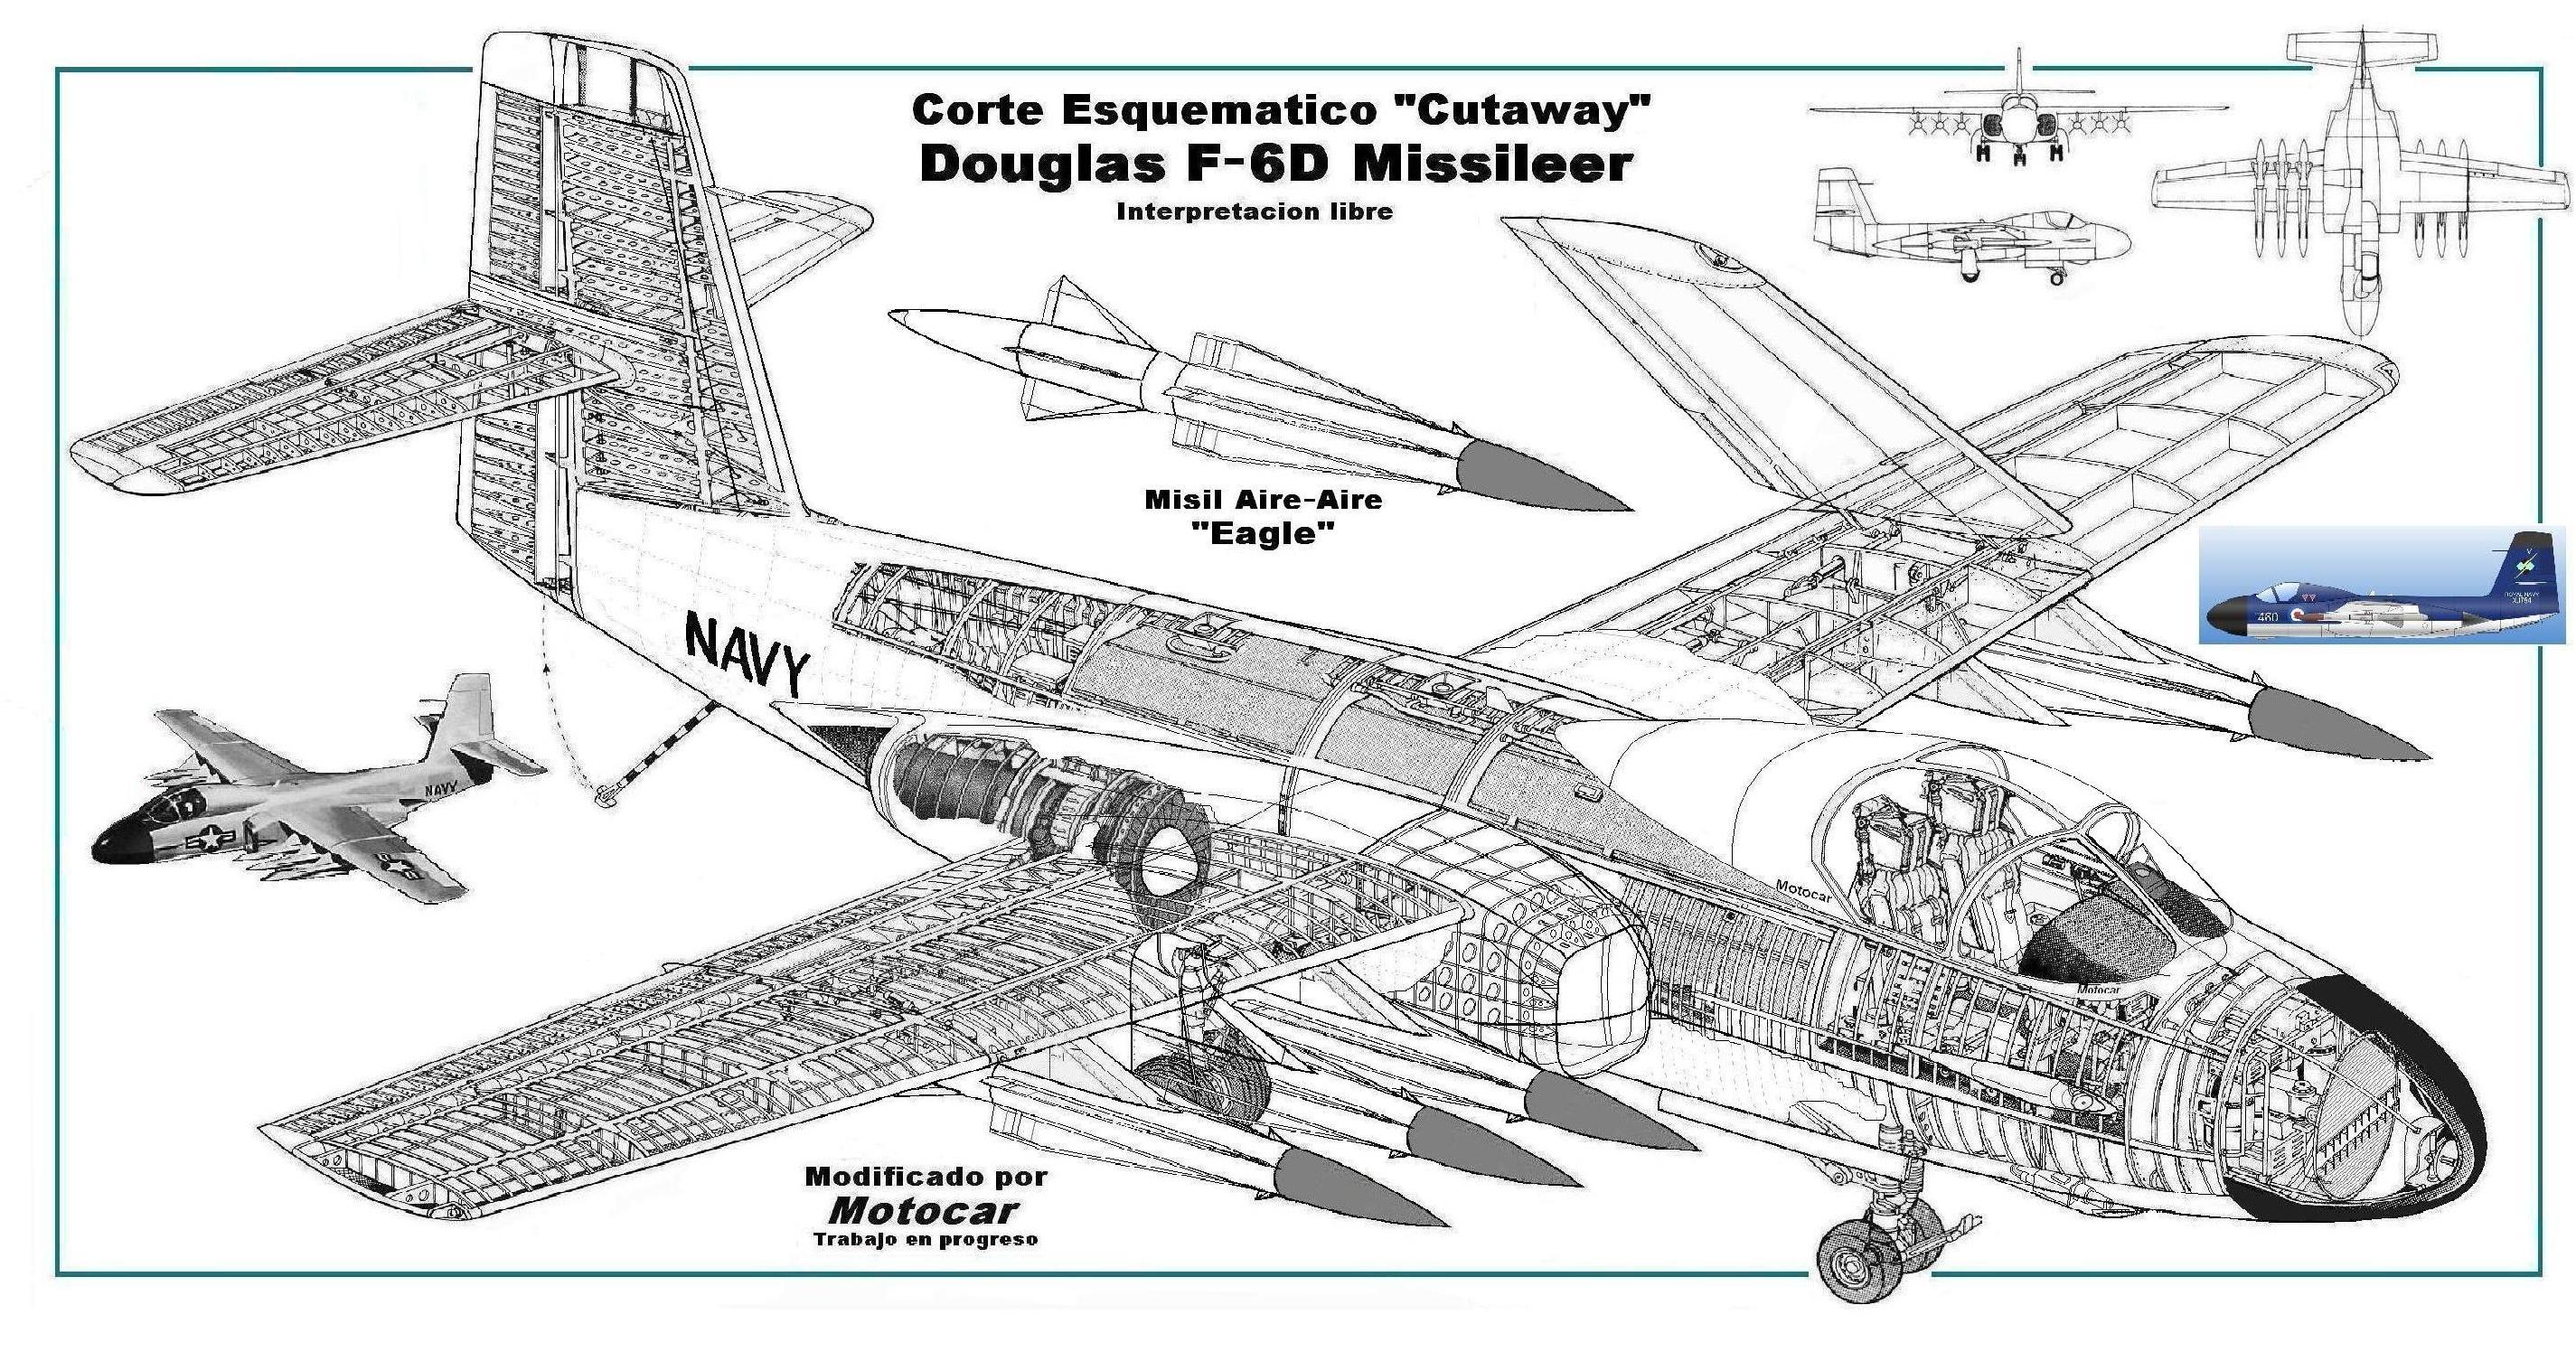 cutaway_douglas_f-6d_missileer_al_106.JPG